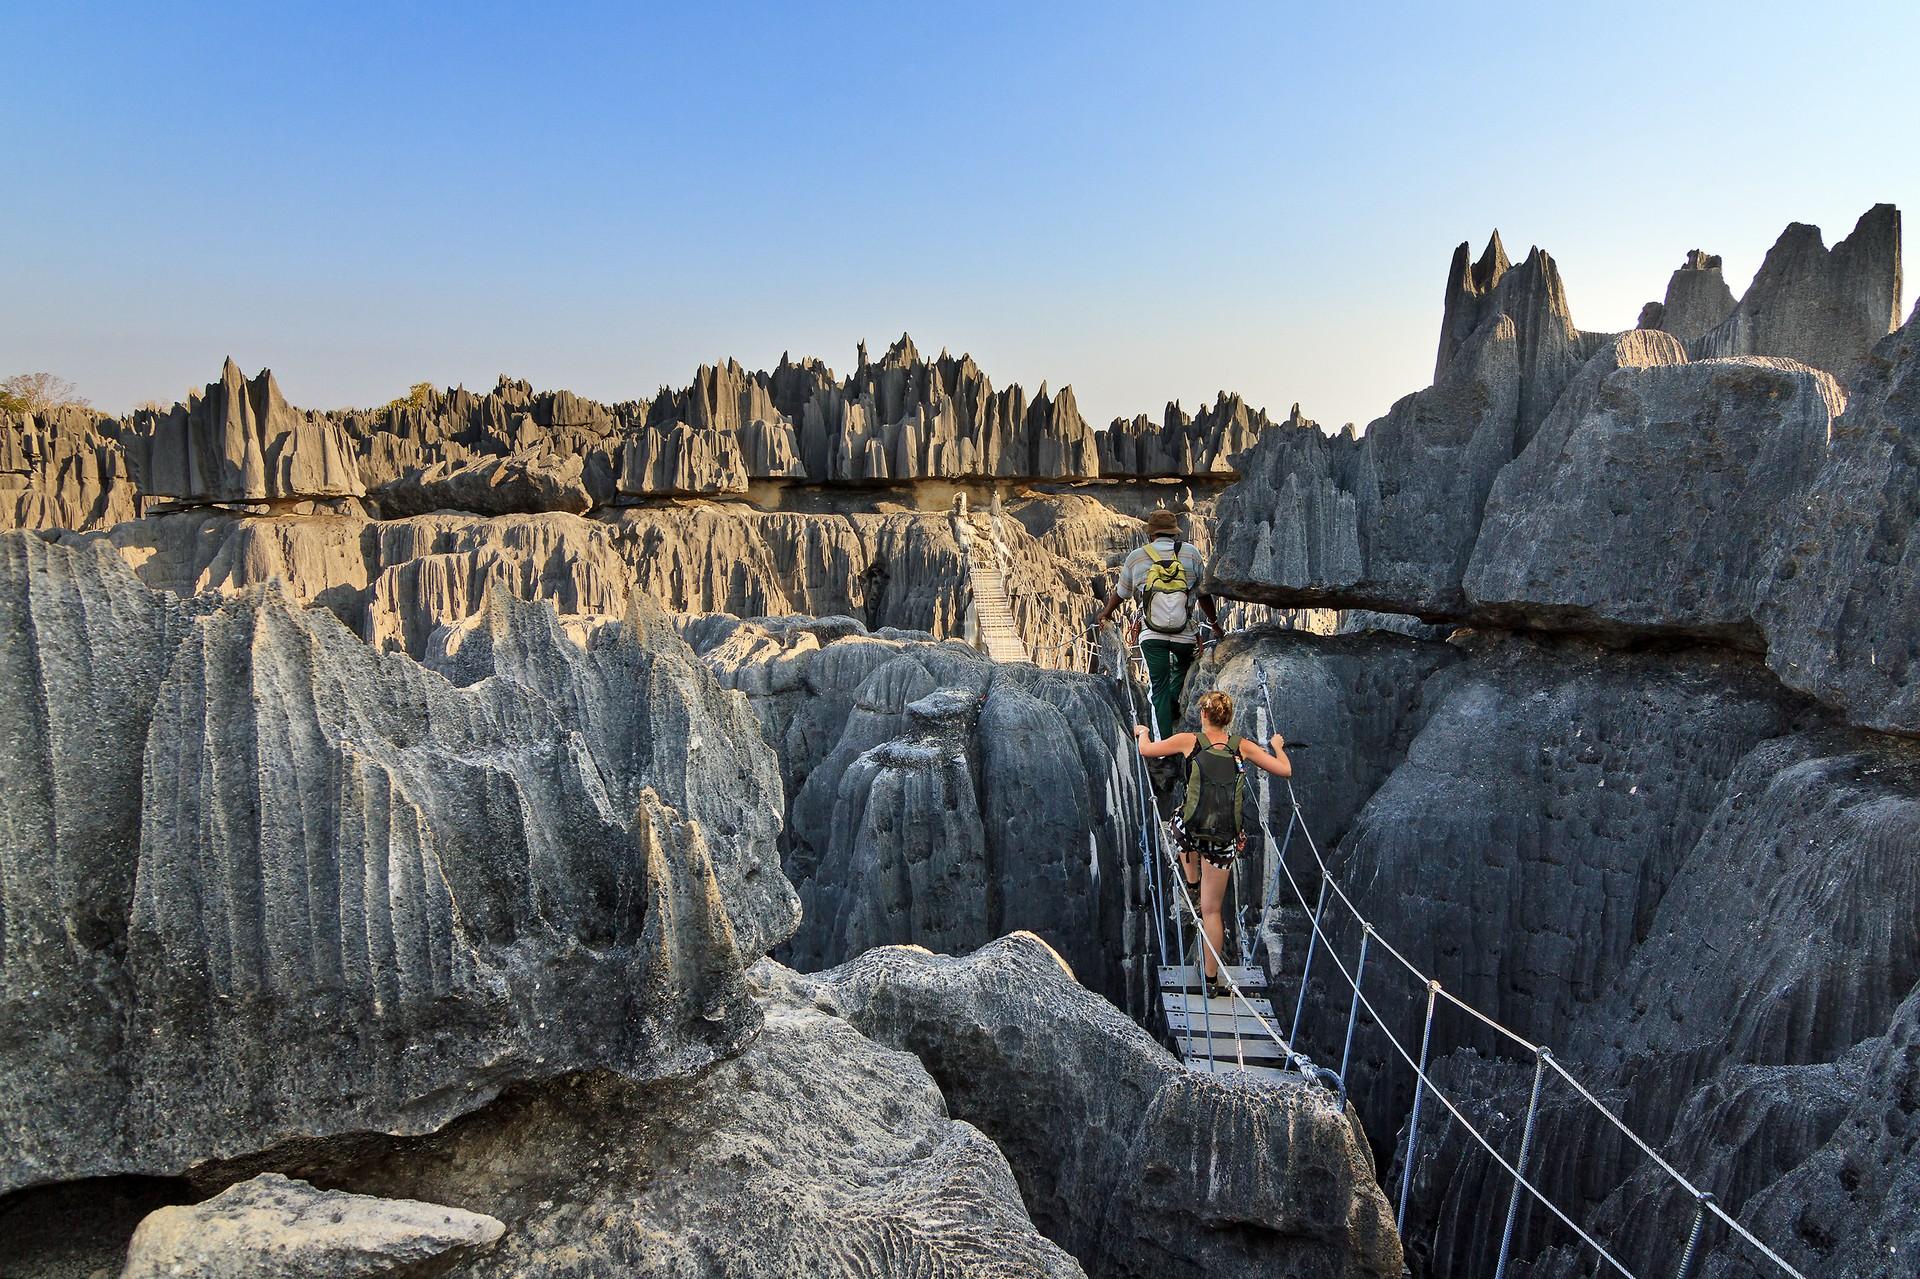 Tsingy de Bemaraha bridge